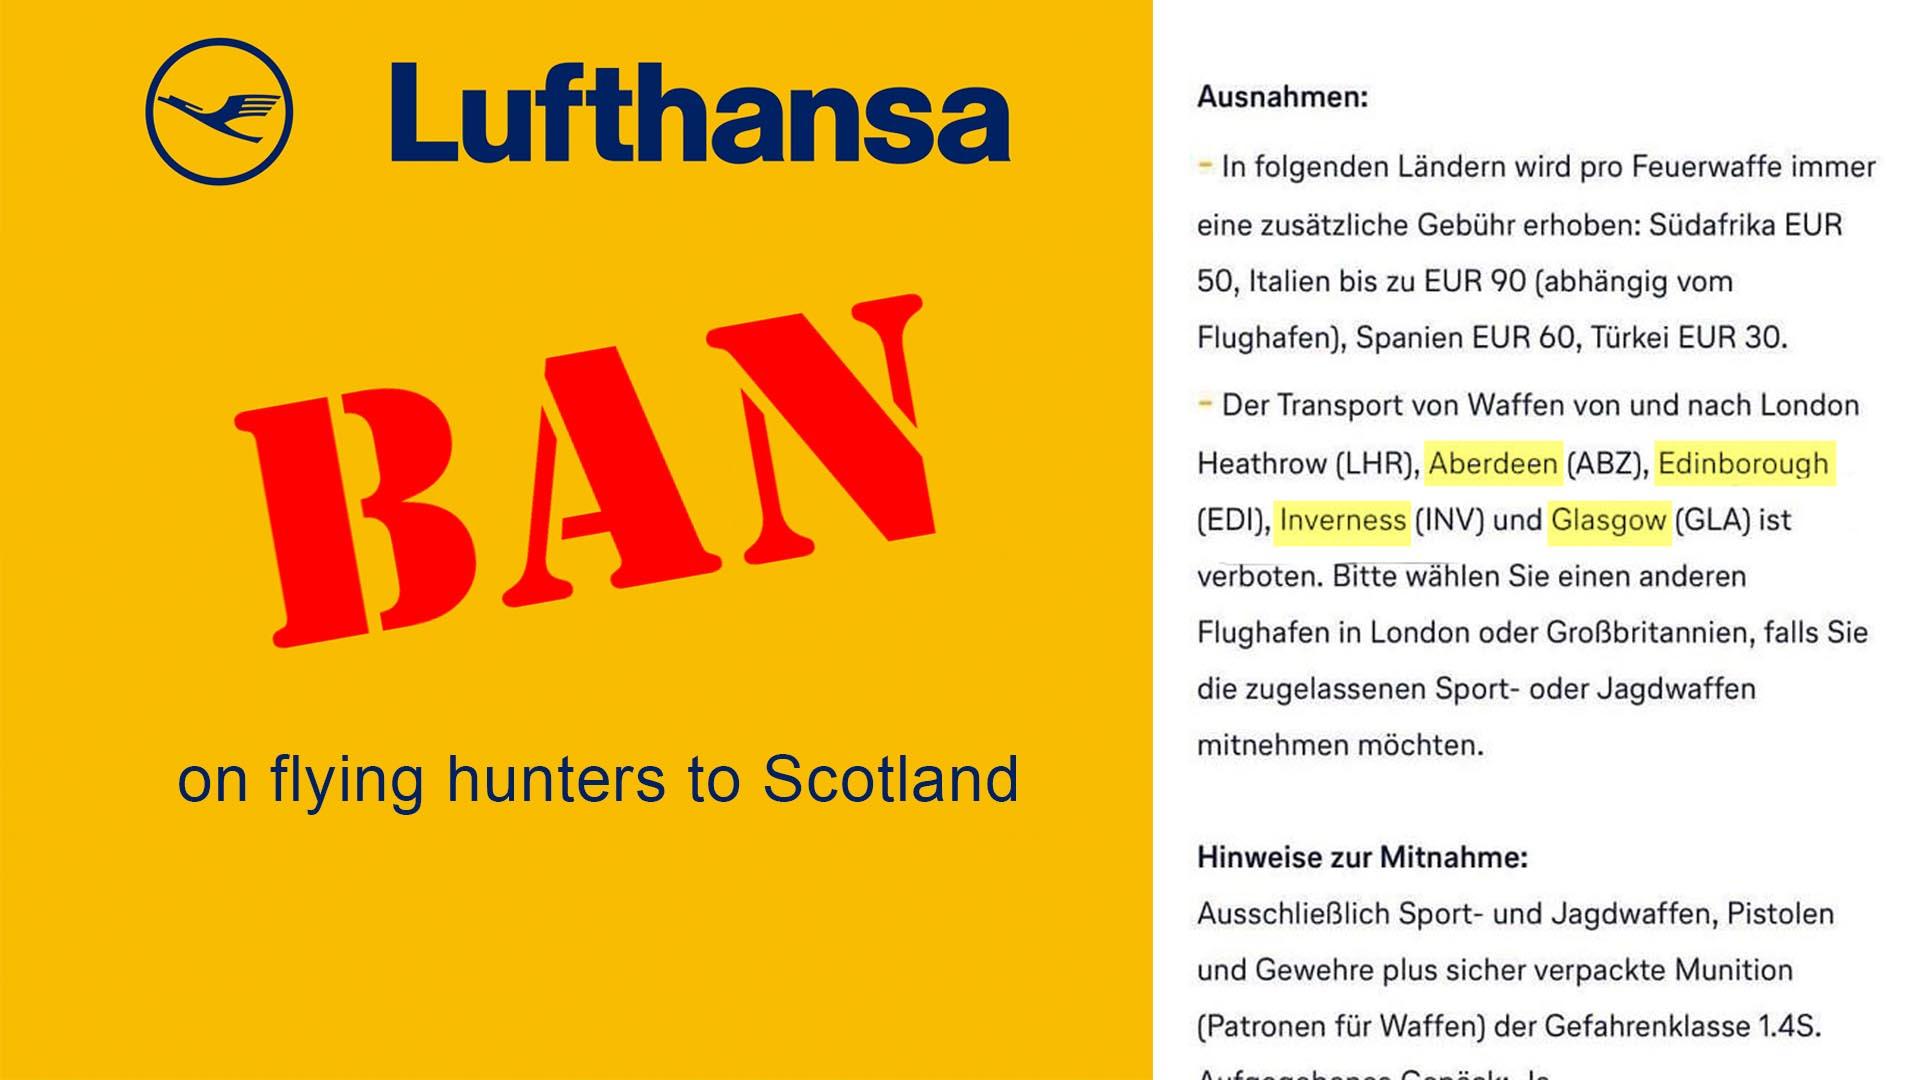 UK gun laws strand hunters across Europe